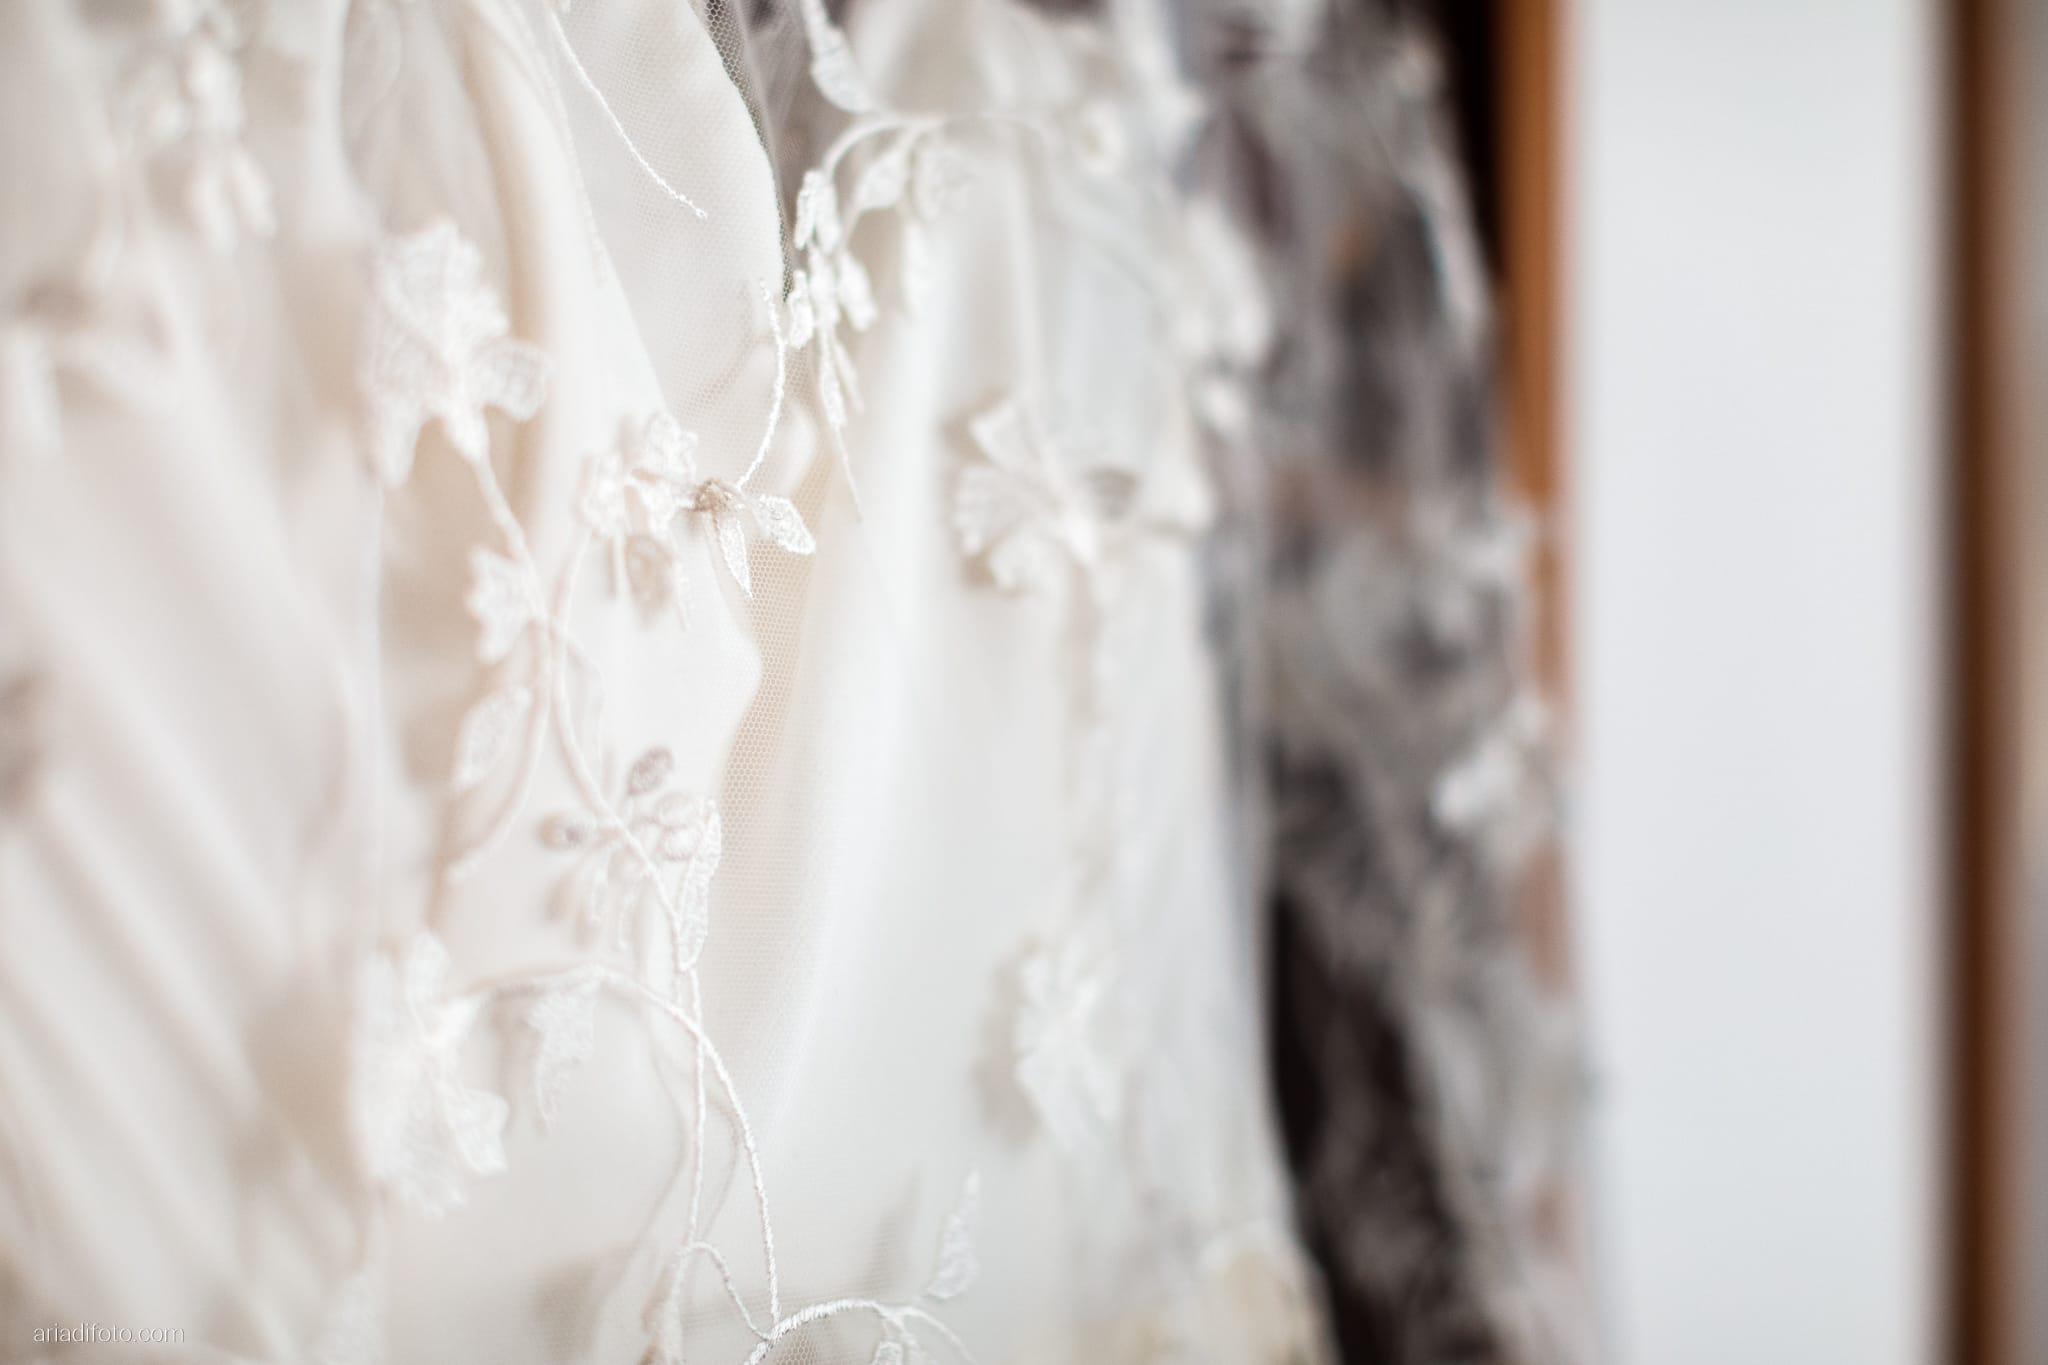 Barbara Simone Matrimonio Abbazia Rosazzo Villa Romano Manzano Udine preparativi dettagli abito